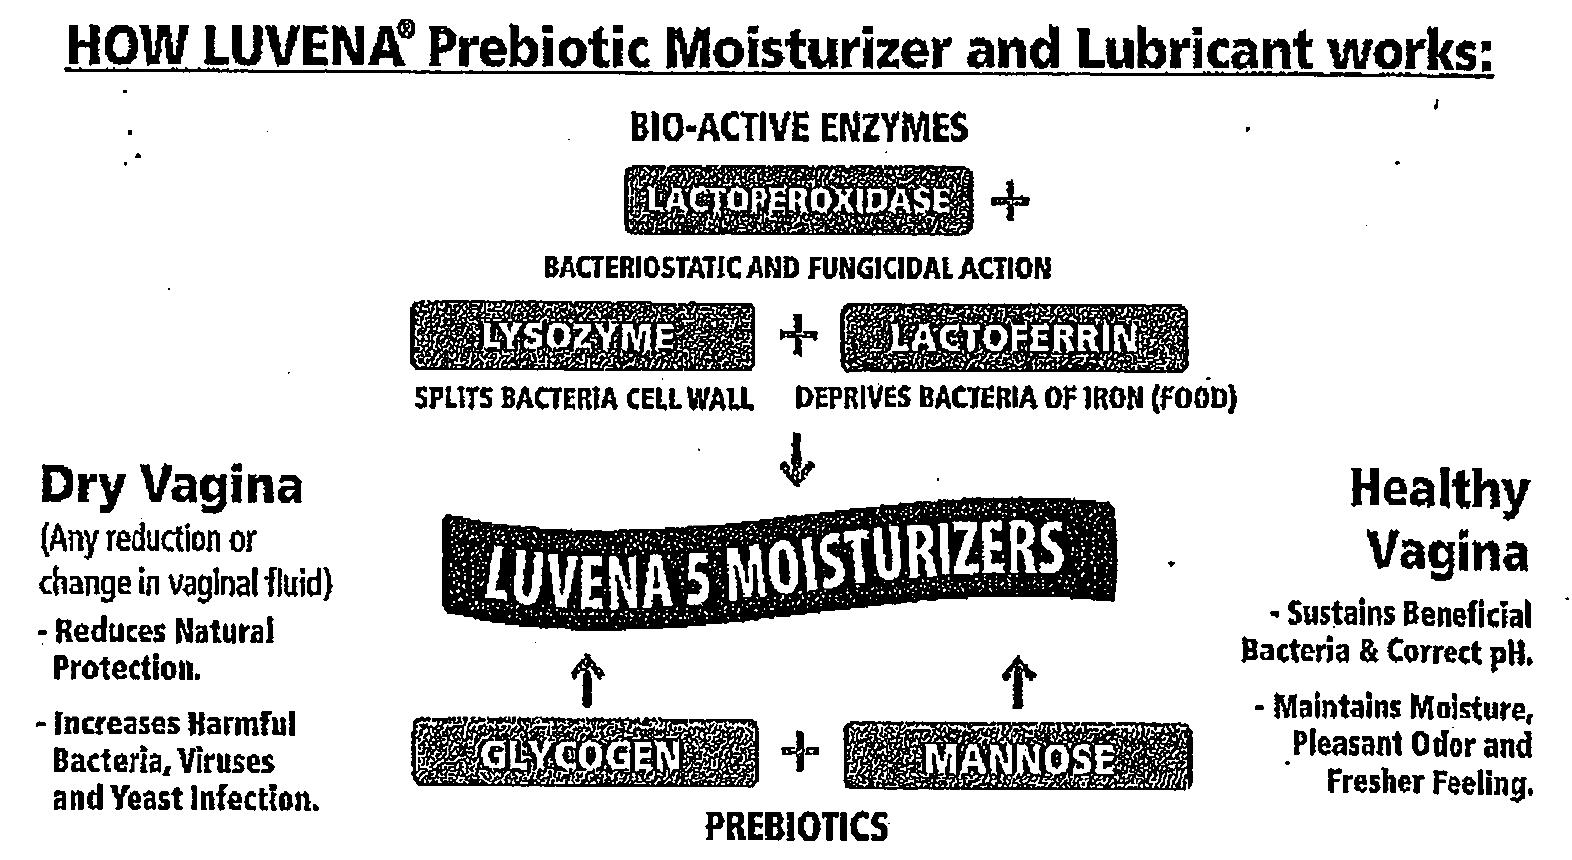 FDA Luvena Lawsuit